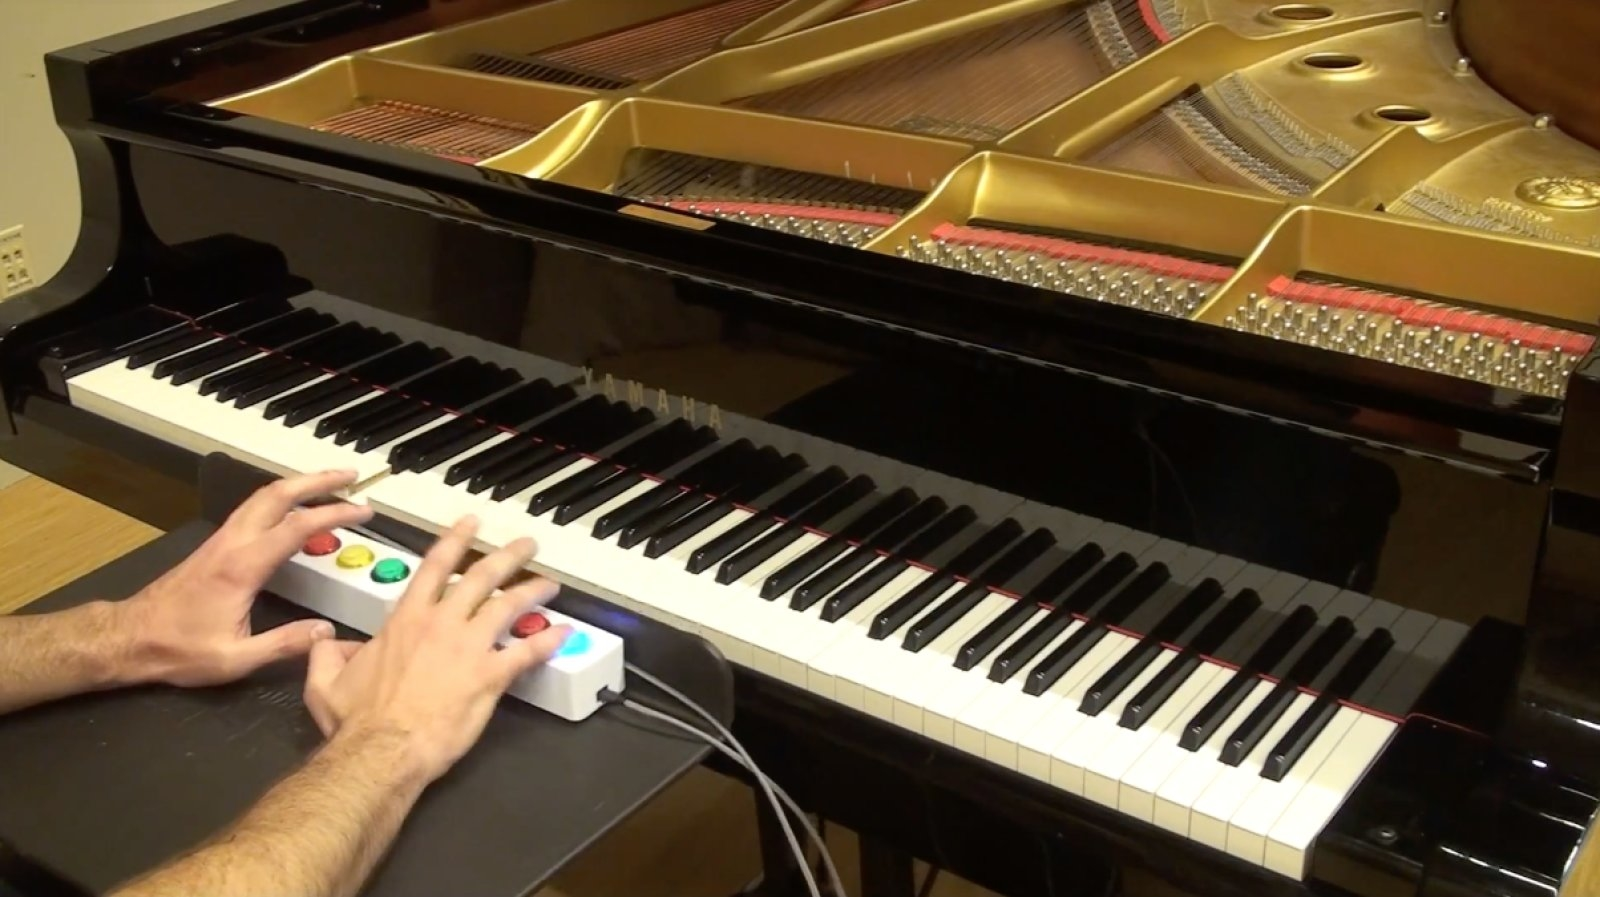 谷歌发布AI钢琴精灵:用户可即兴创作古典音乐